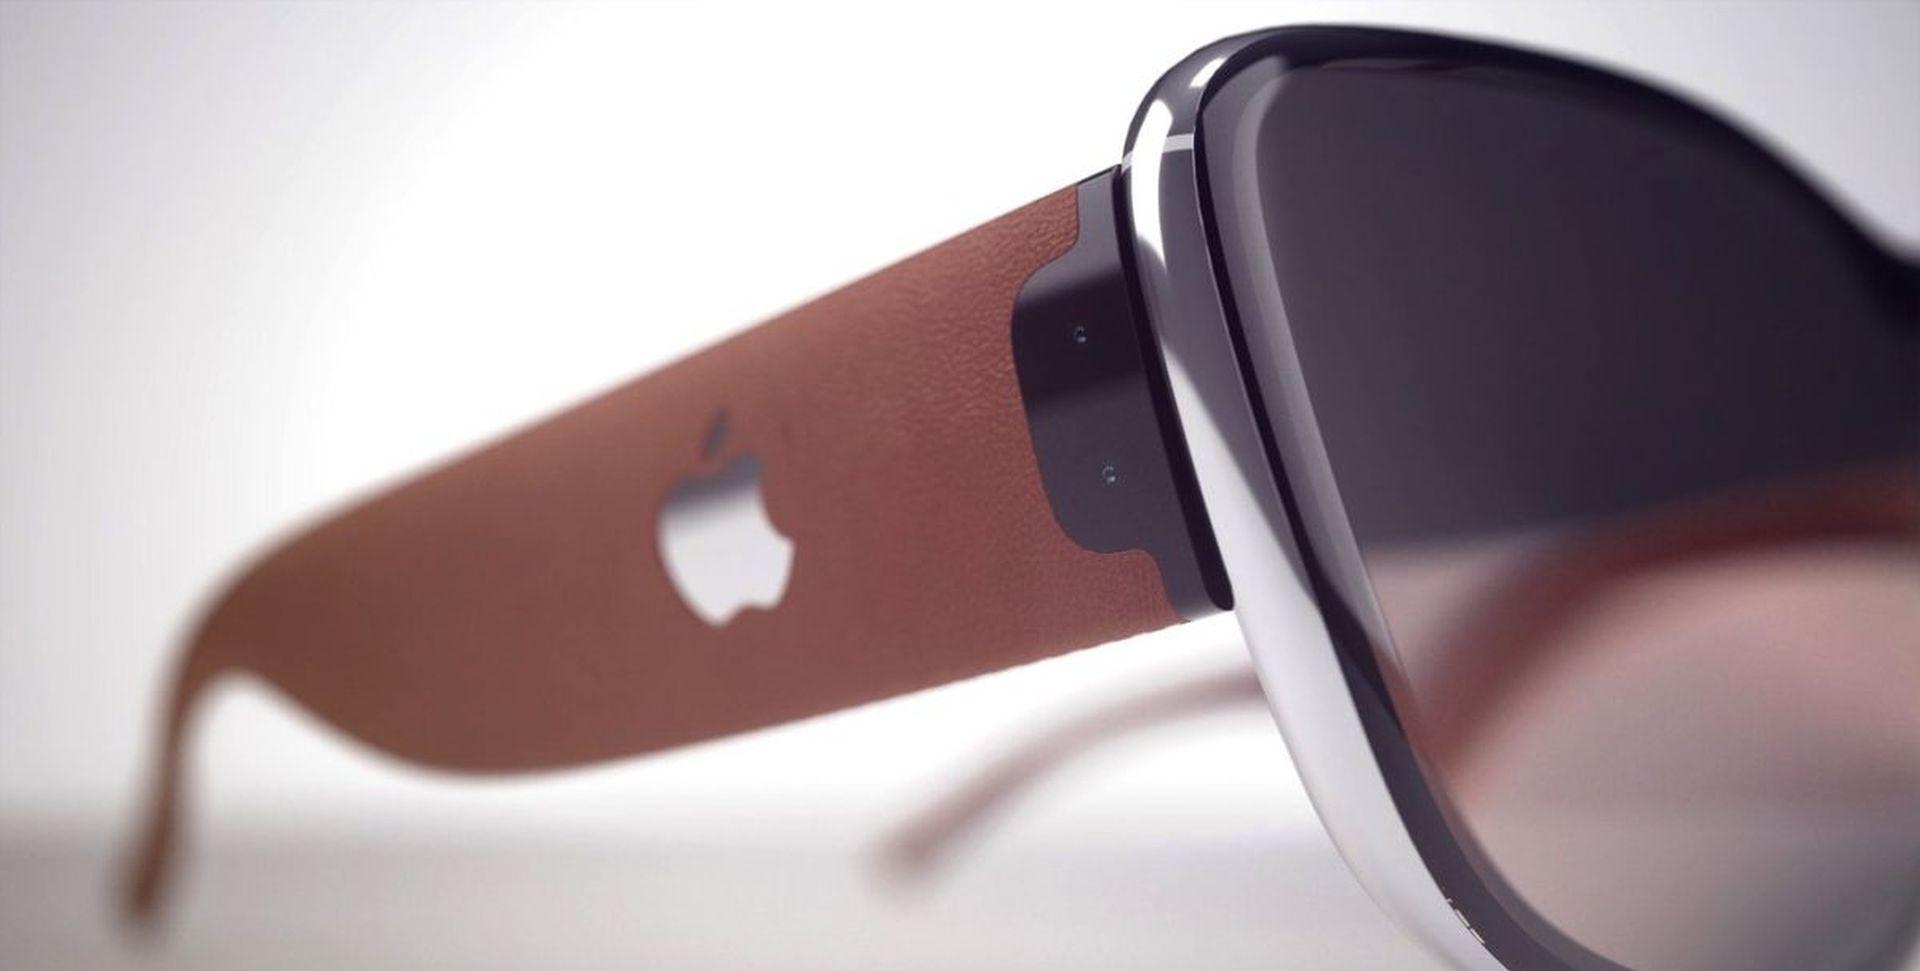 Okulary AR od firmy Apple być może pojawią się w 2021 roku